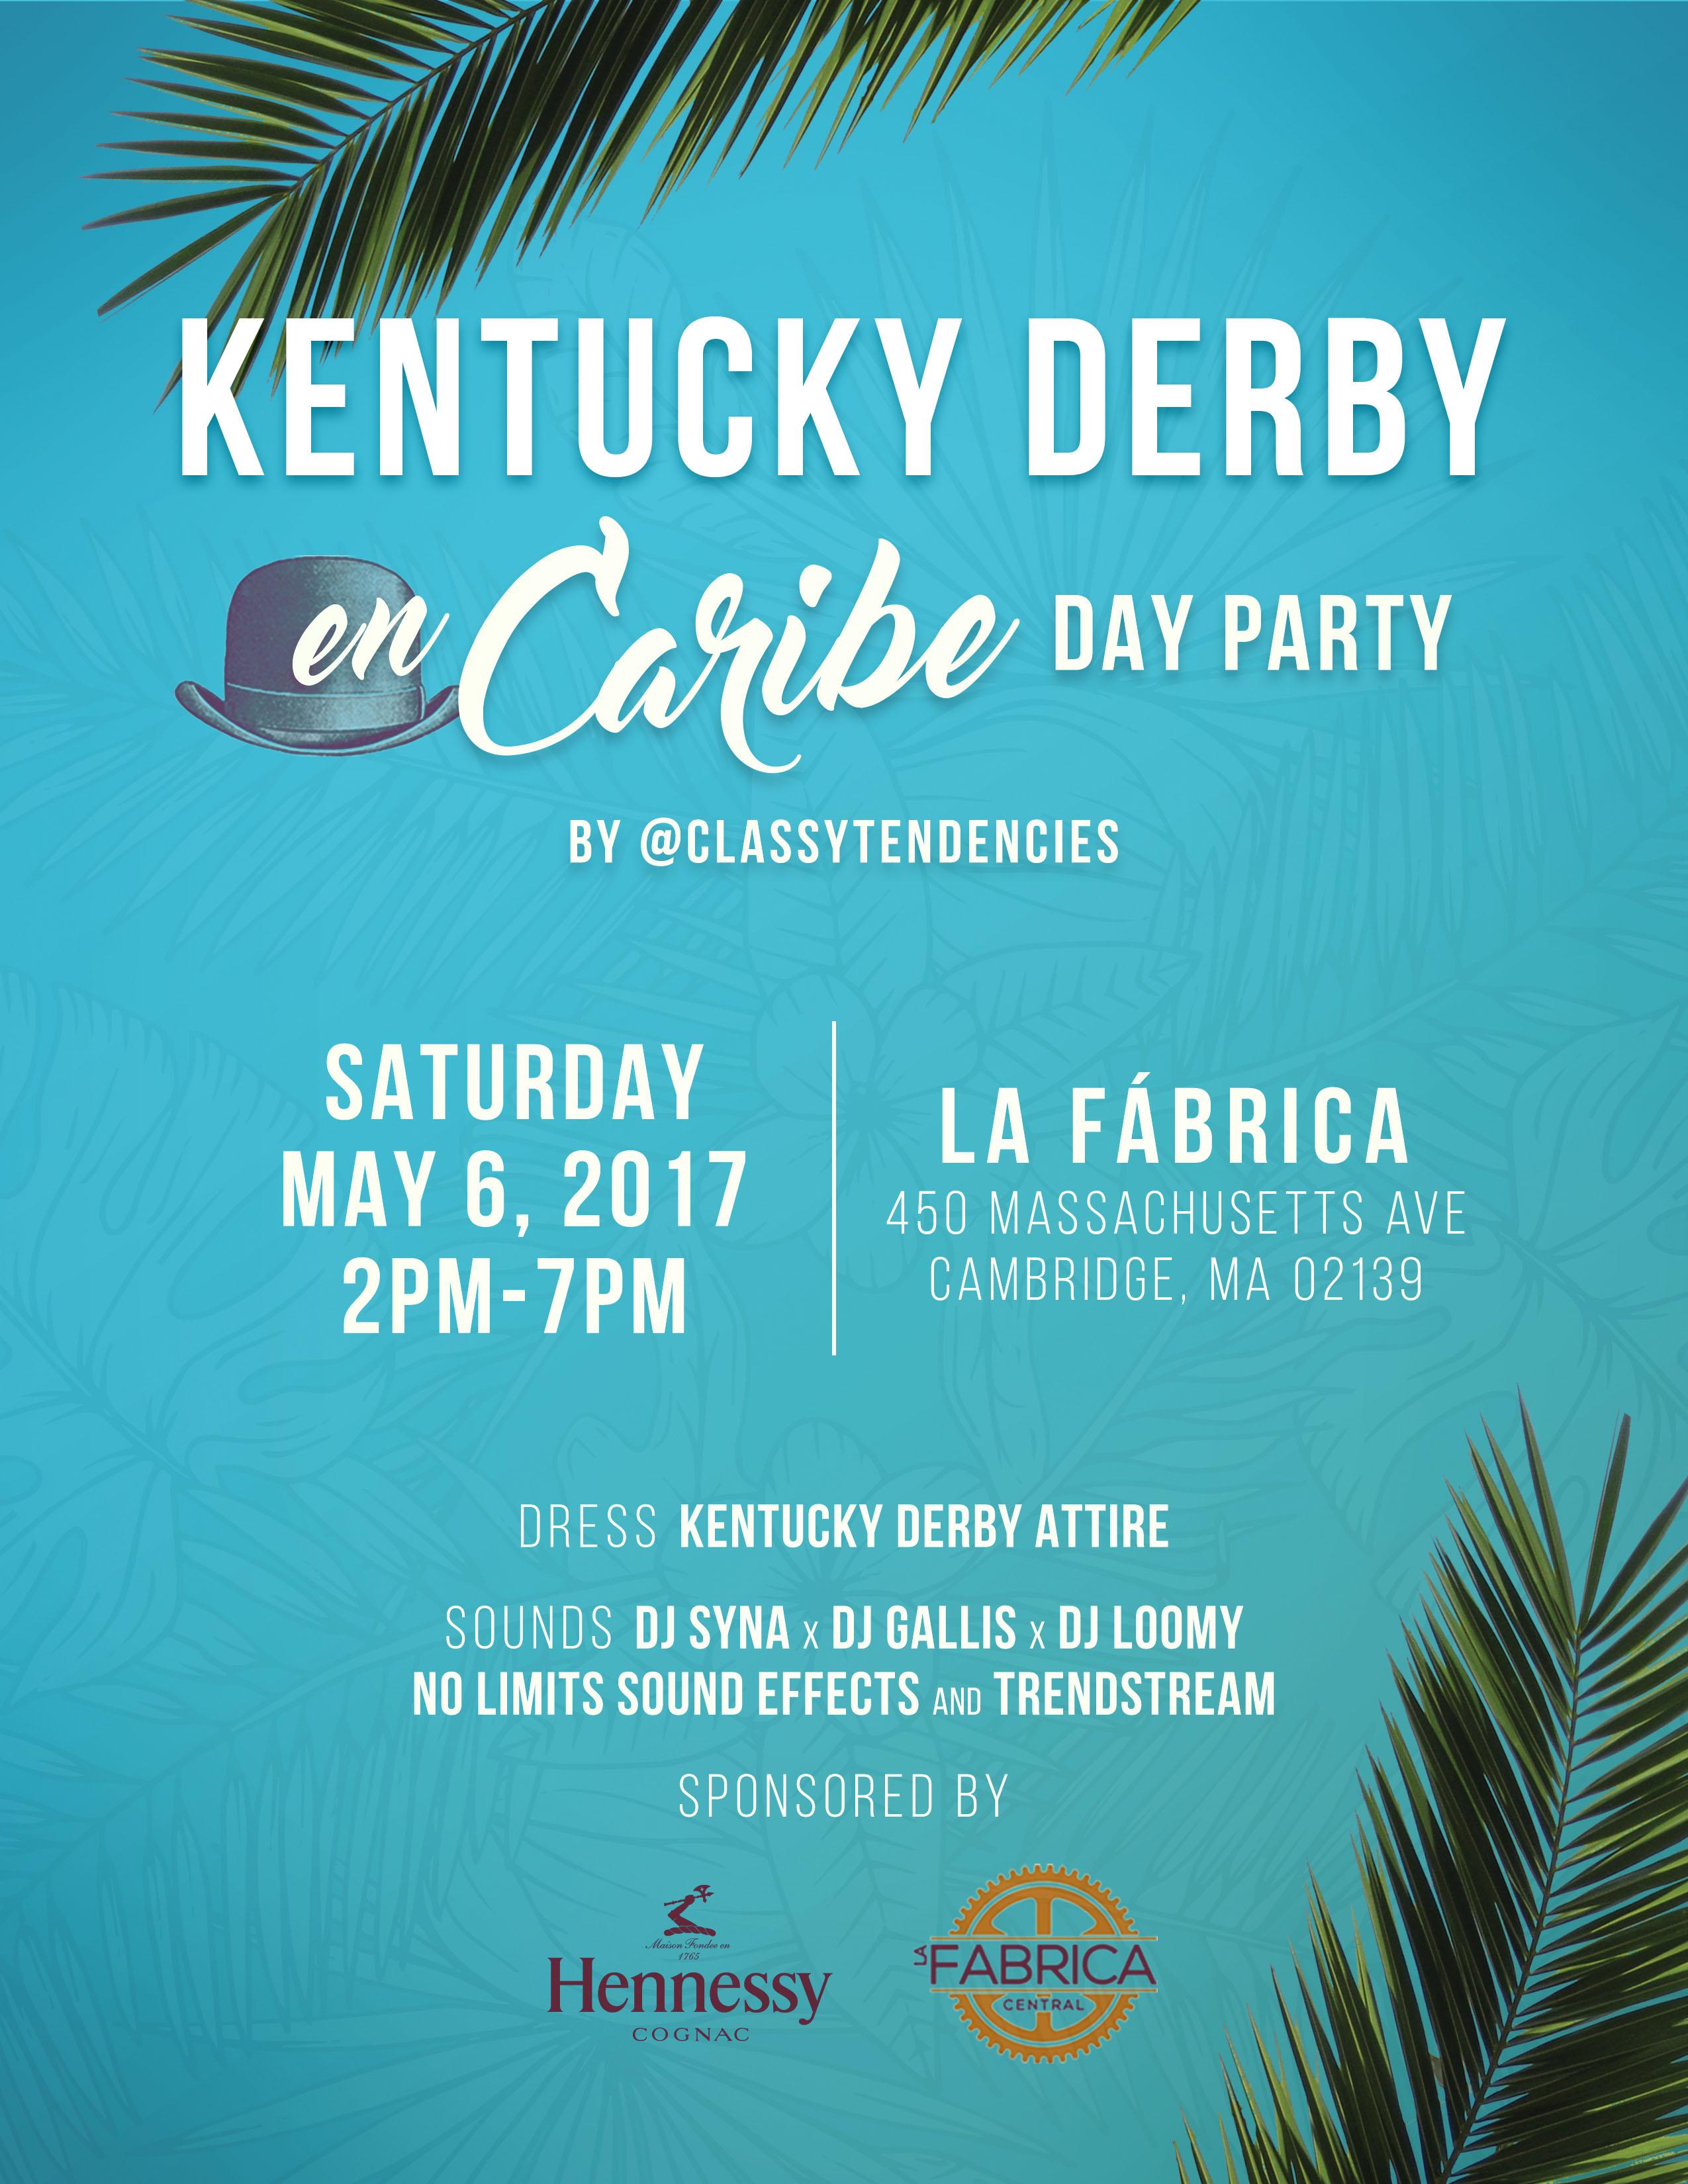 Kentucky Derby en Caribe Day Party Flyer